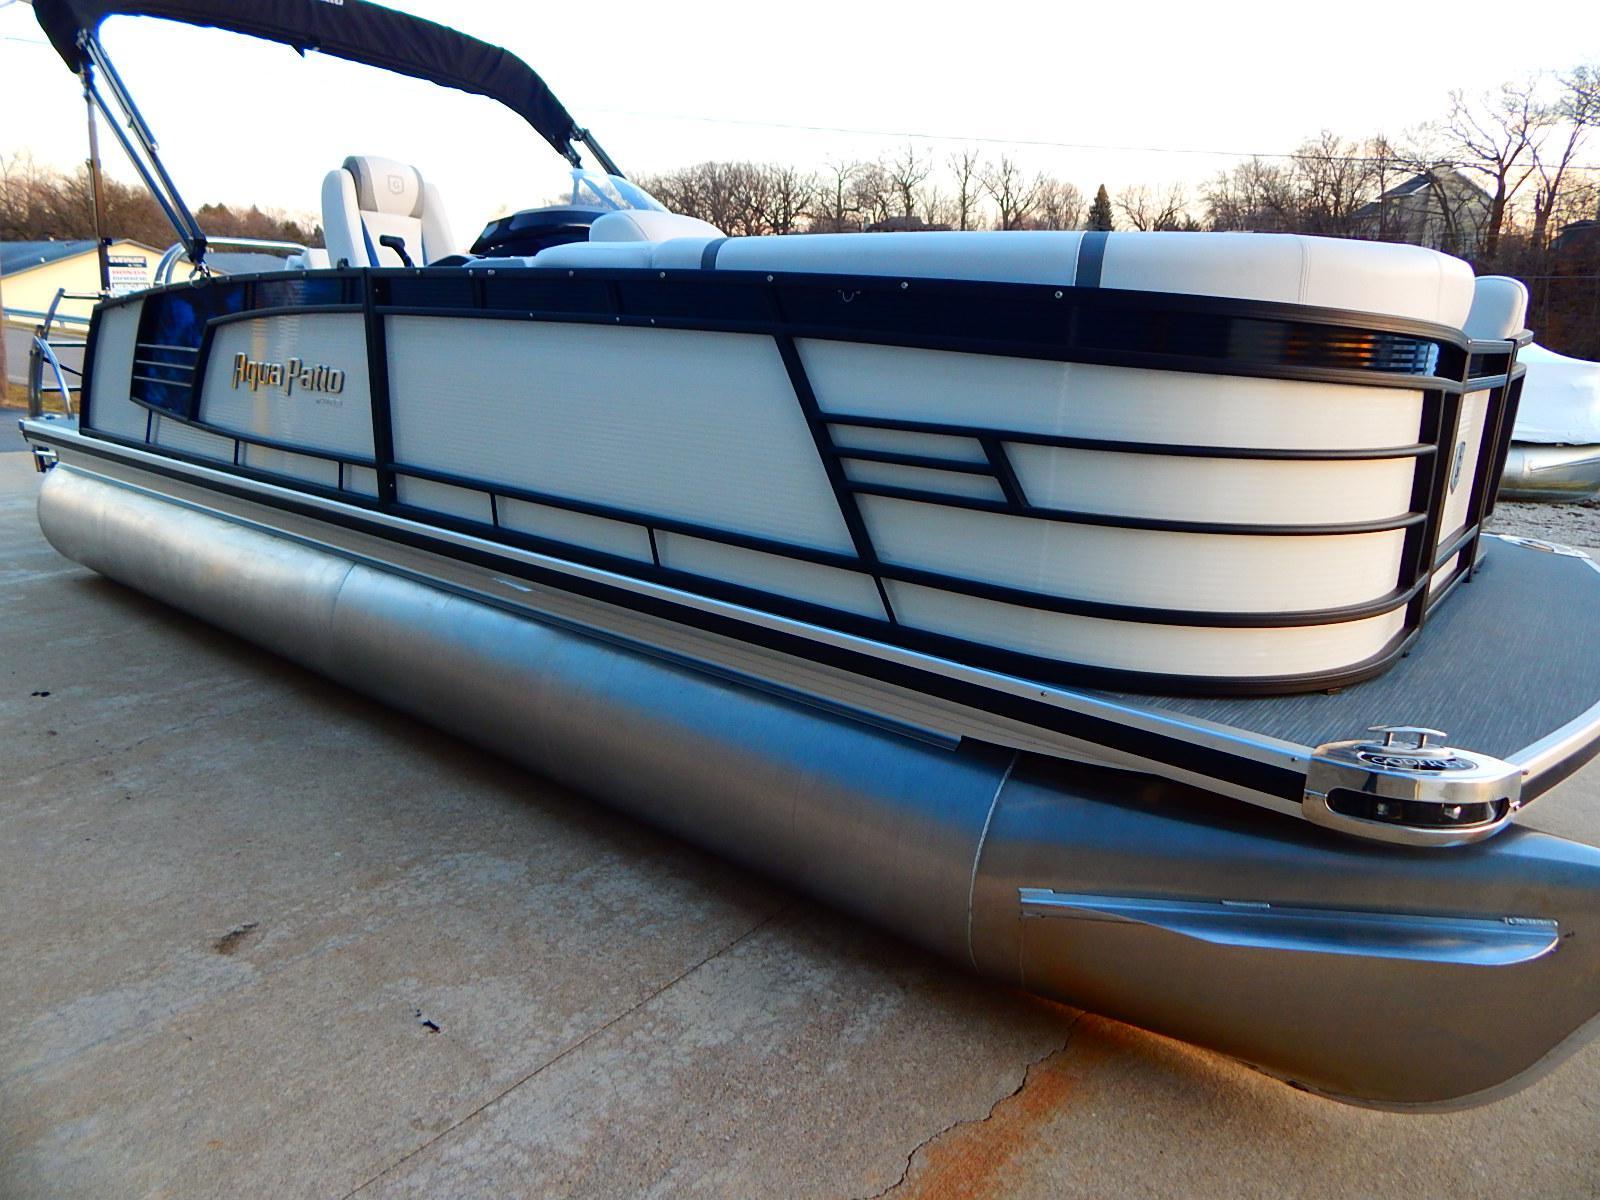 Aqua Patio Boats For Sale 7 Boats Com